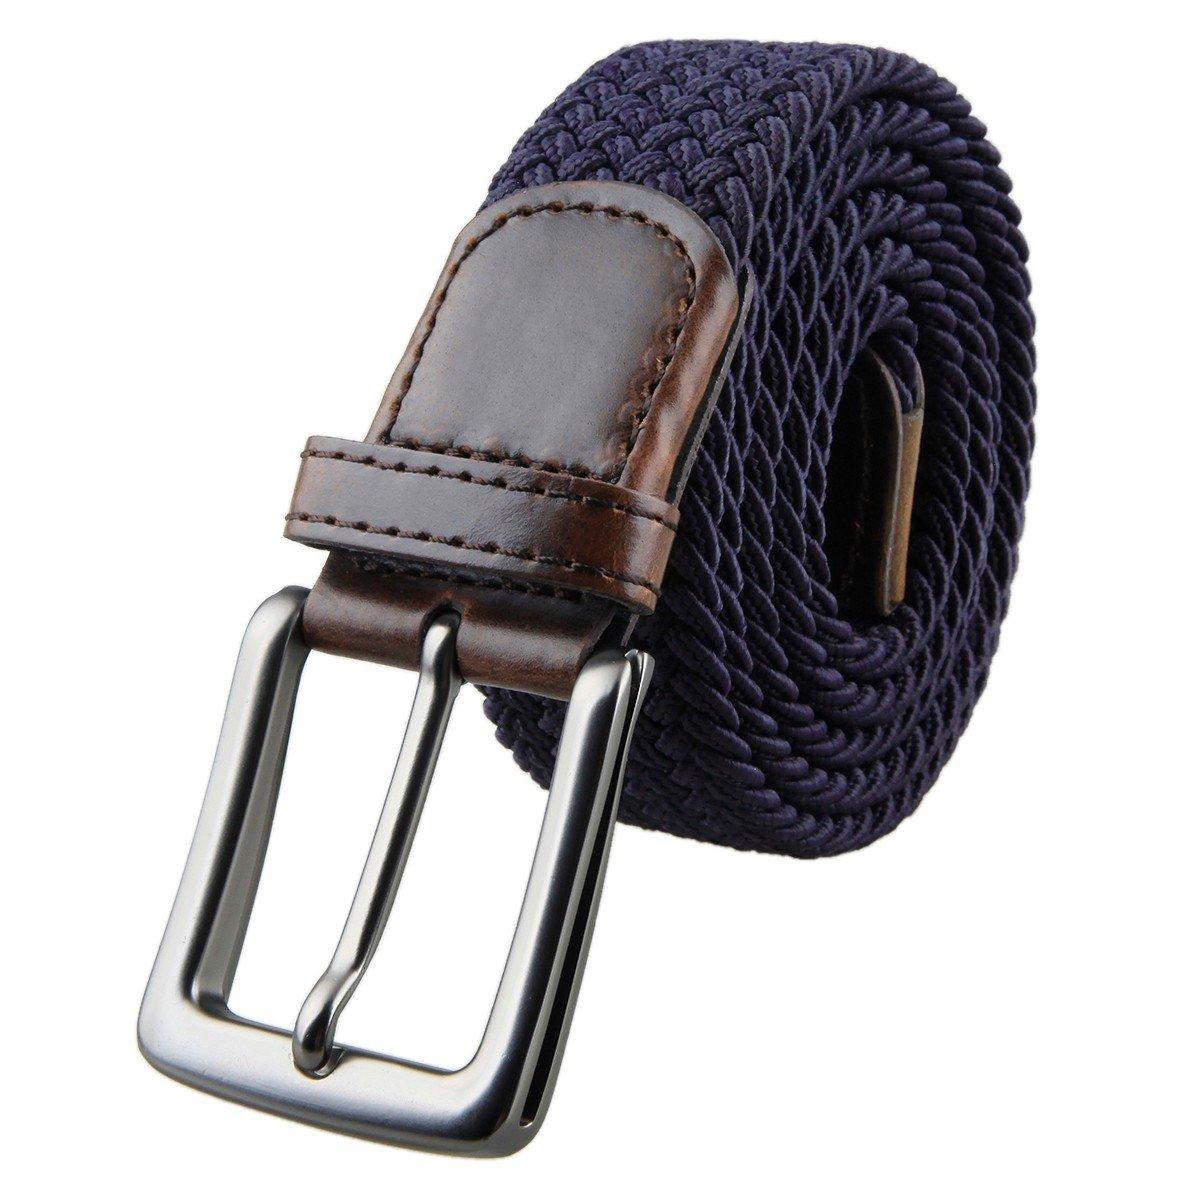 Shanxing El/ástico Trenzado Cuero Hebilla Cintur/ón para Hombres y las Se/ñoras